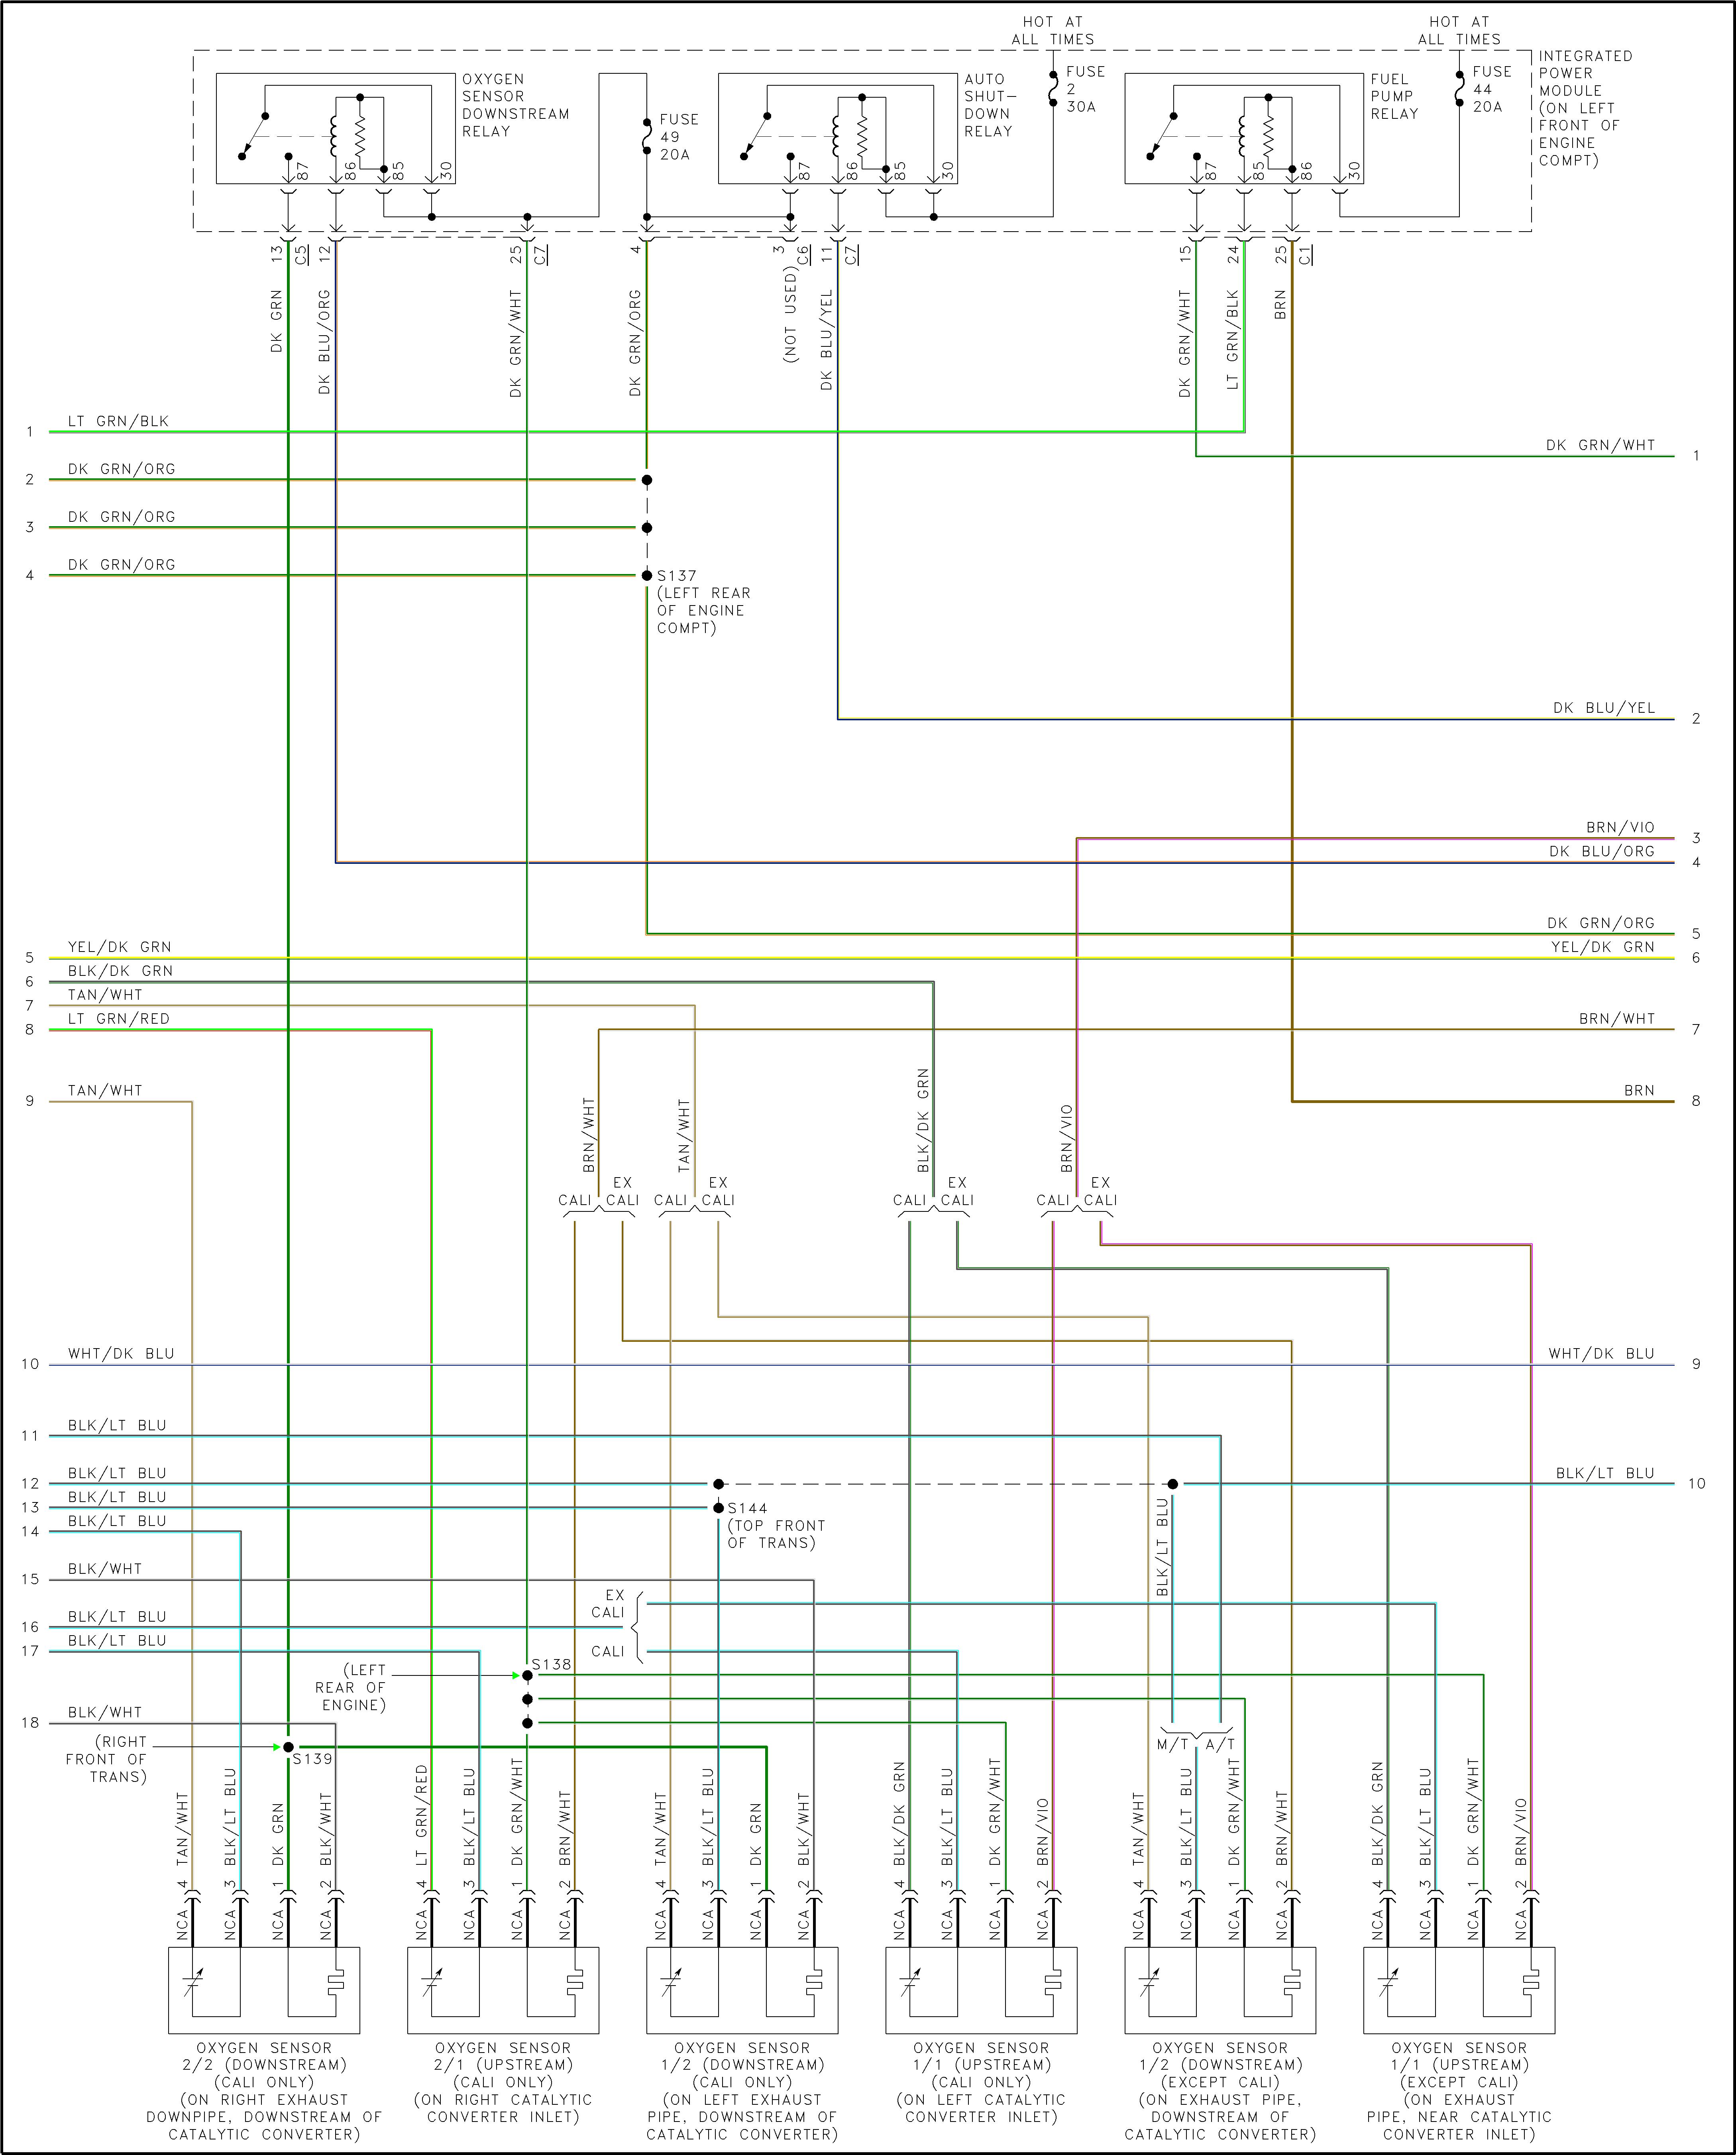 565f8713-a3d1-4ce4-a440-8781958e7b7b_1500pcm3.png